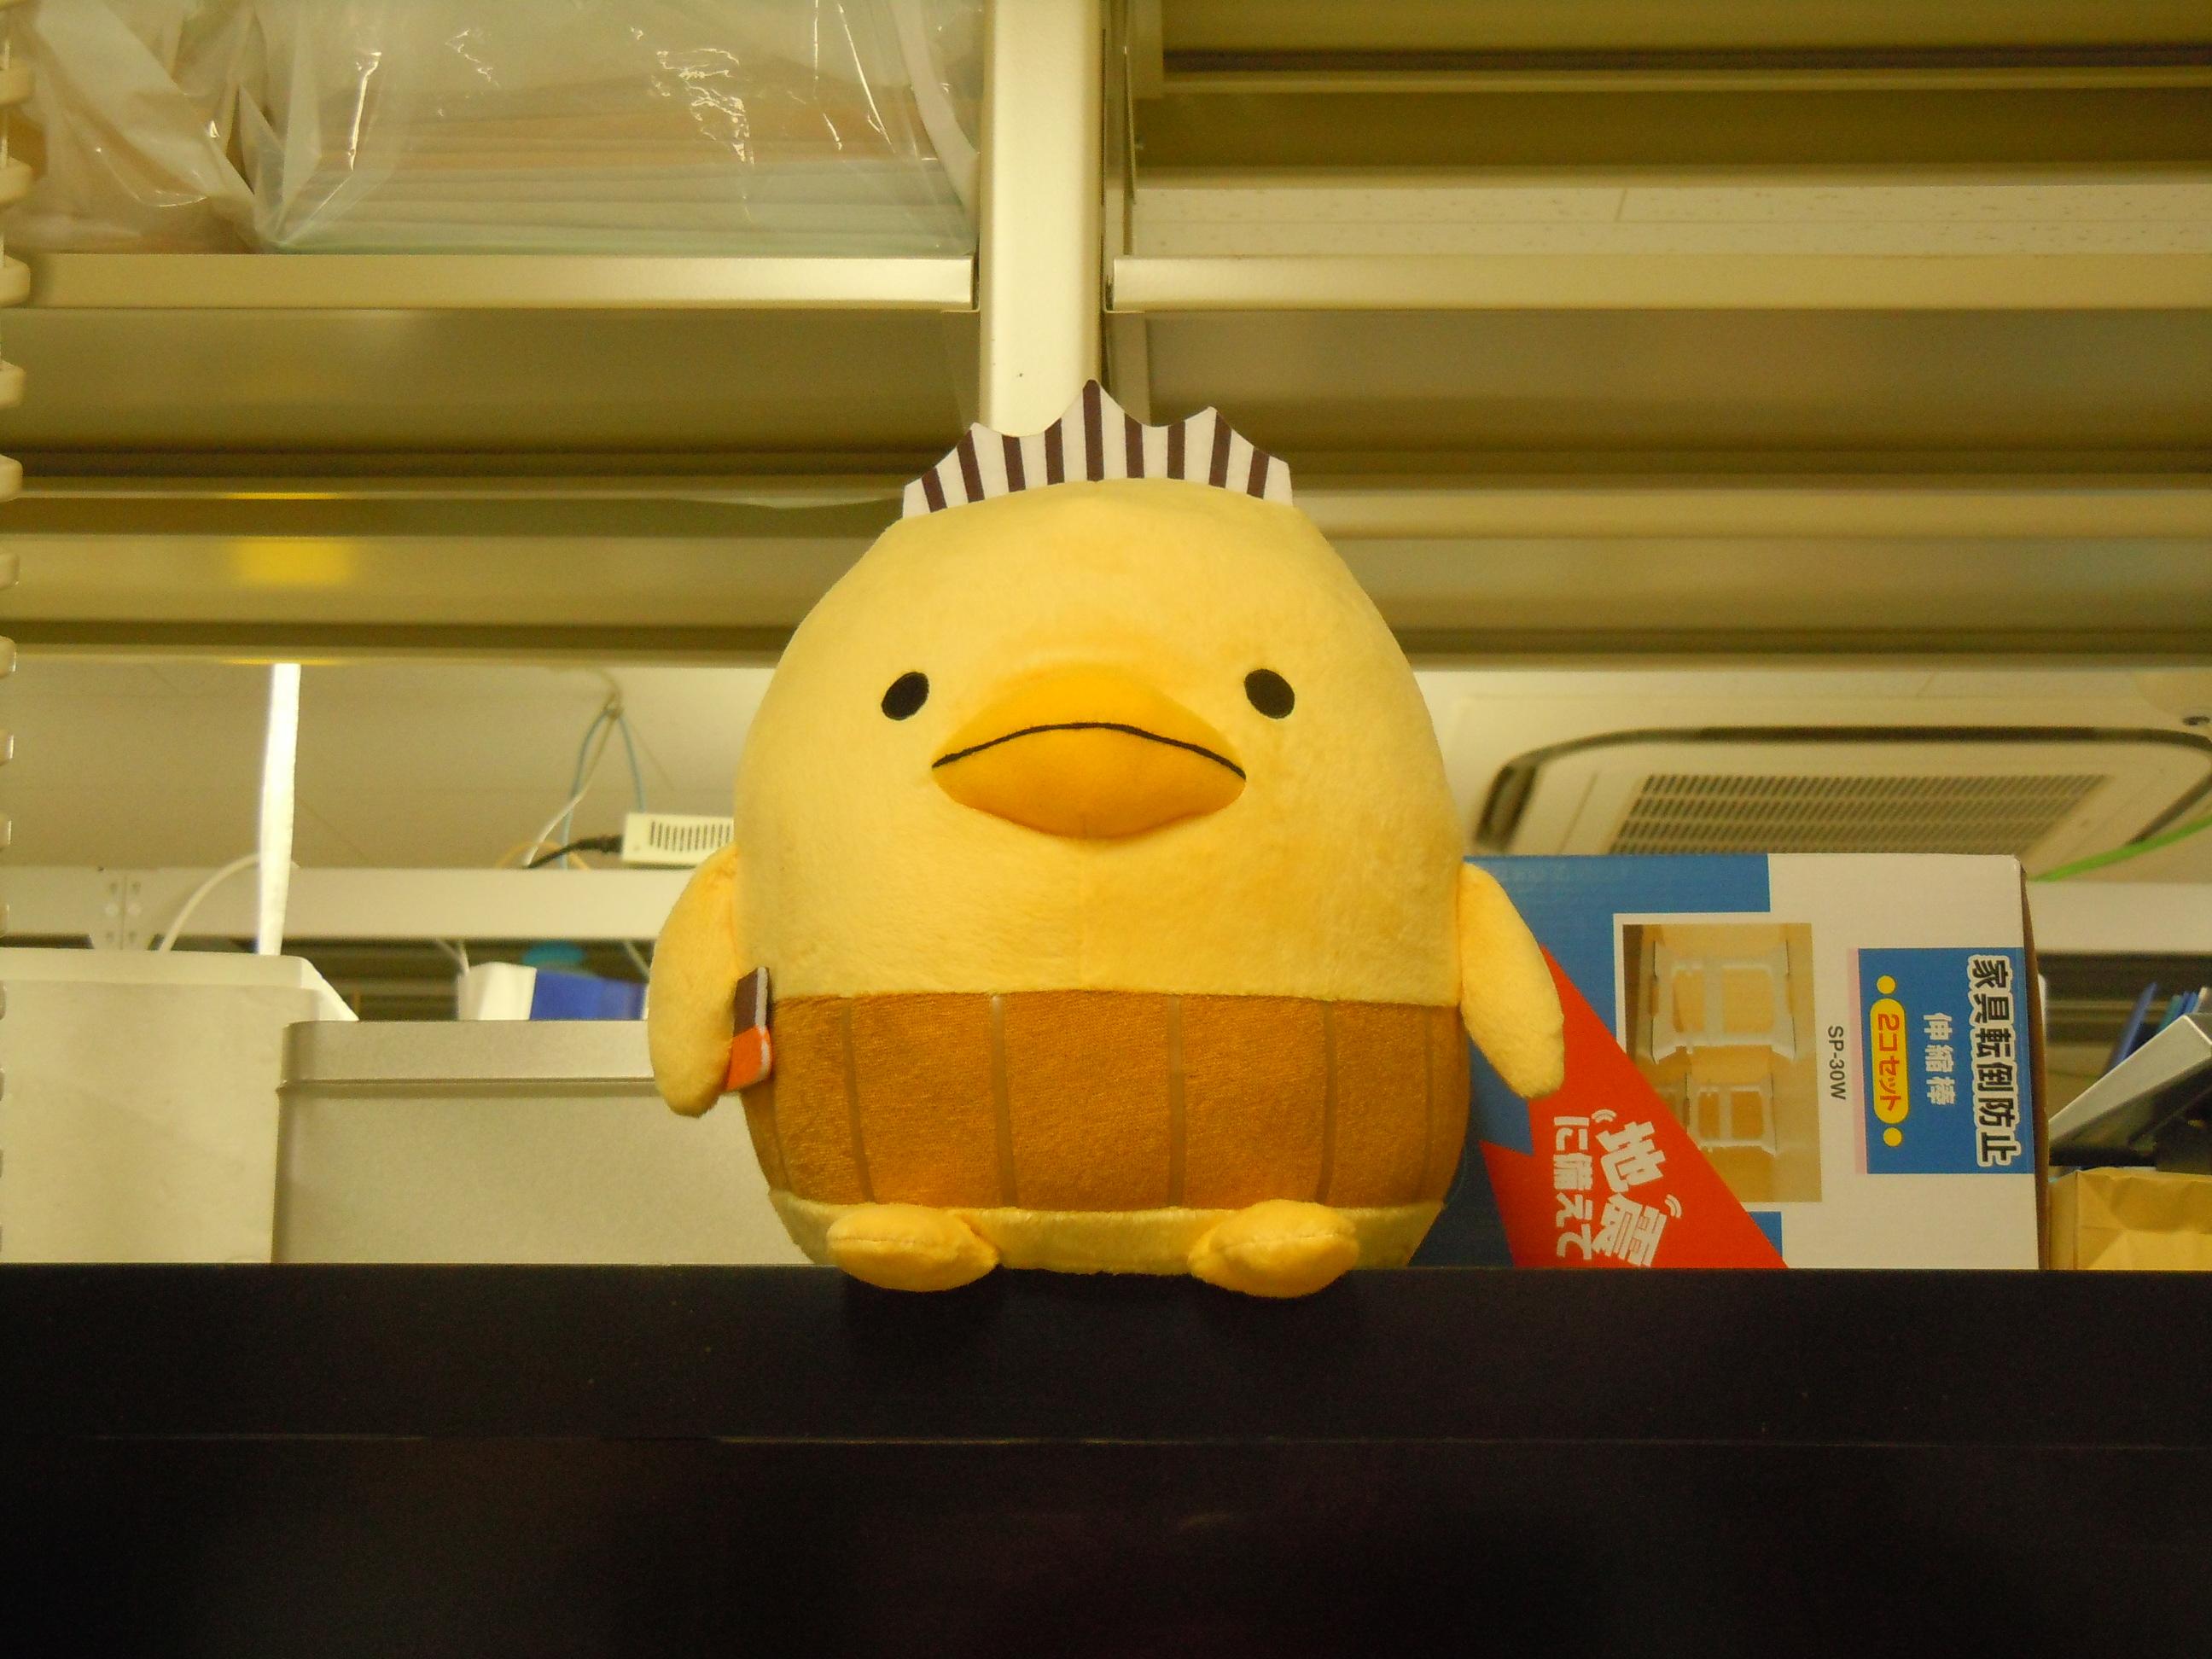 http://www.ige.tohoku.ac.jp/mirai/news/upload_items/201310/DSCN5016.JPG